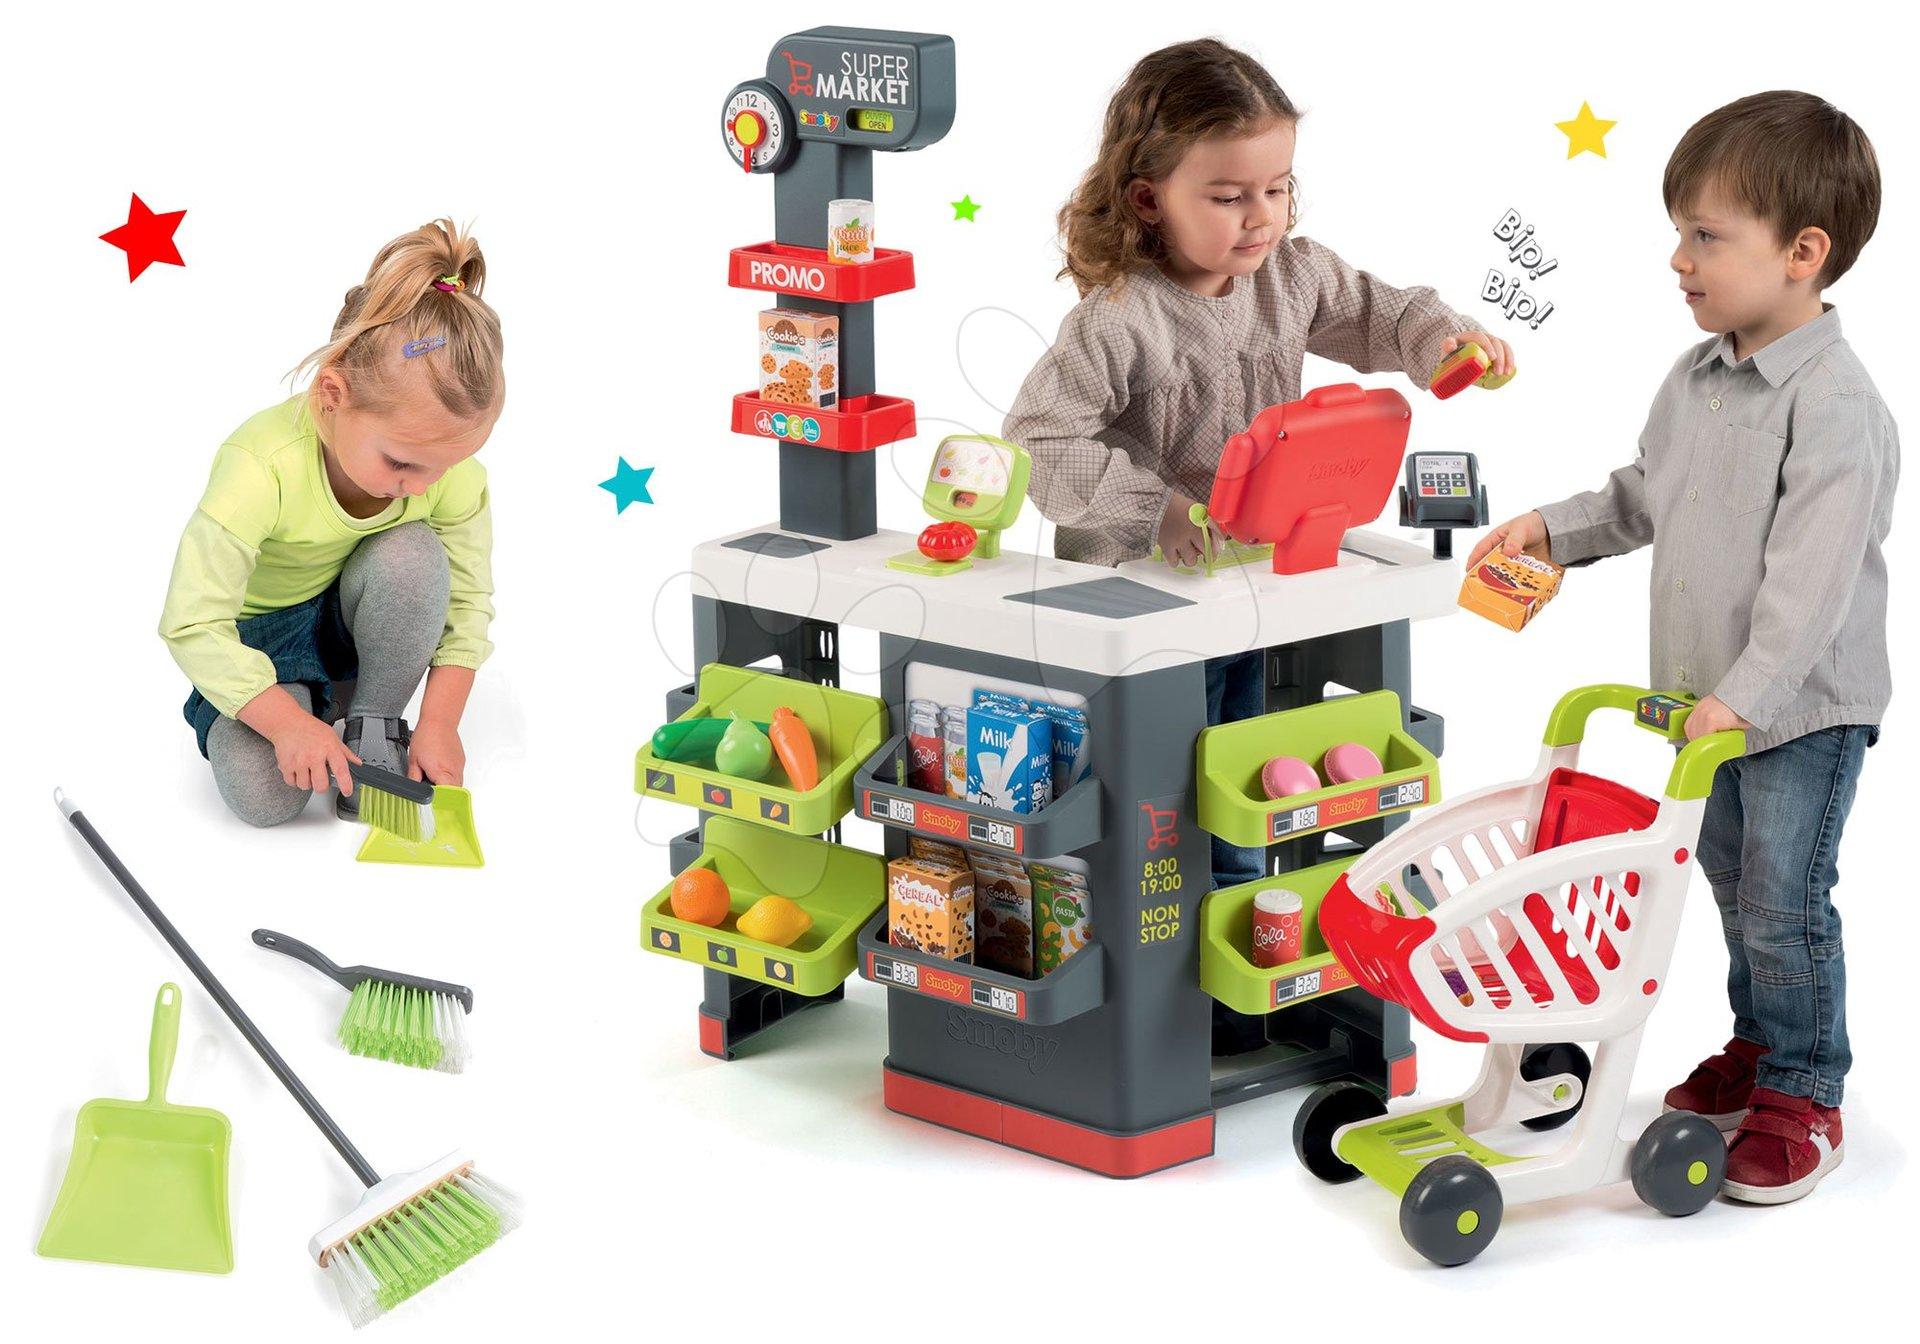 Obchody pre deti - Set obchod Supermarket Smoby s elektronickou pokladňou a upratovací set